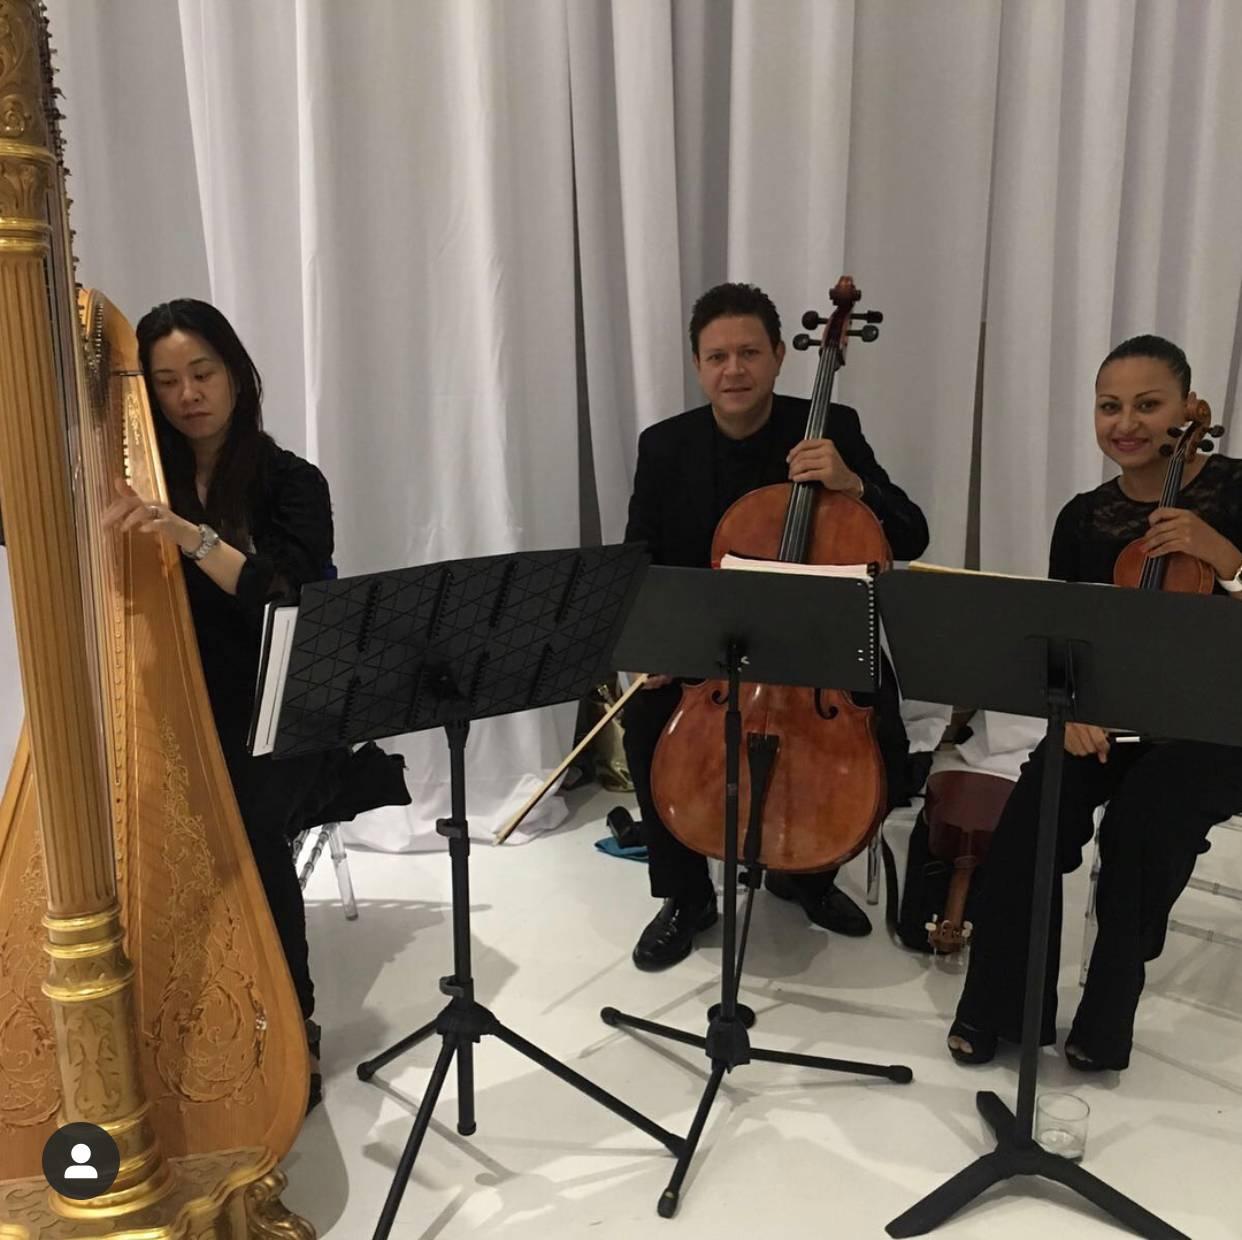 Harp, Cello, Violin Trio